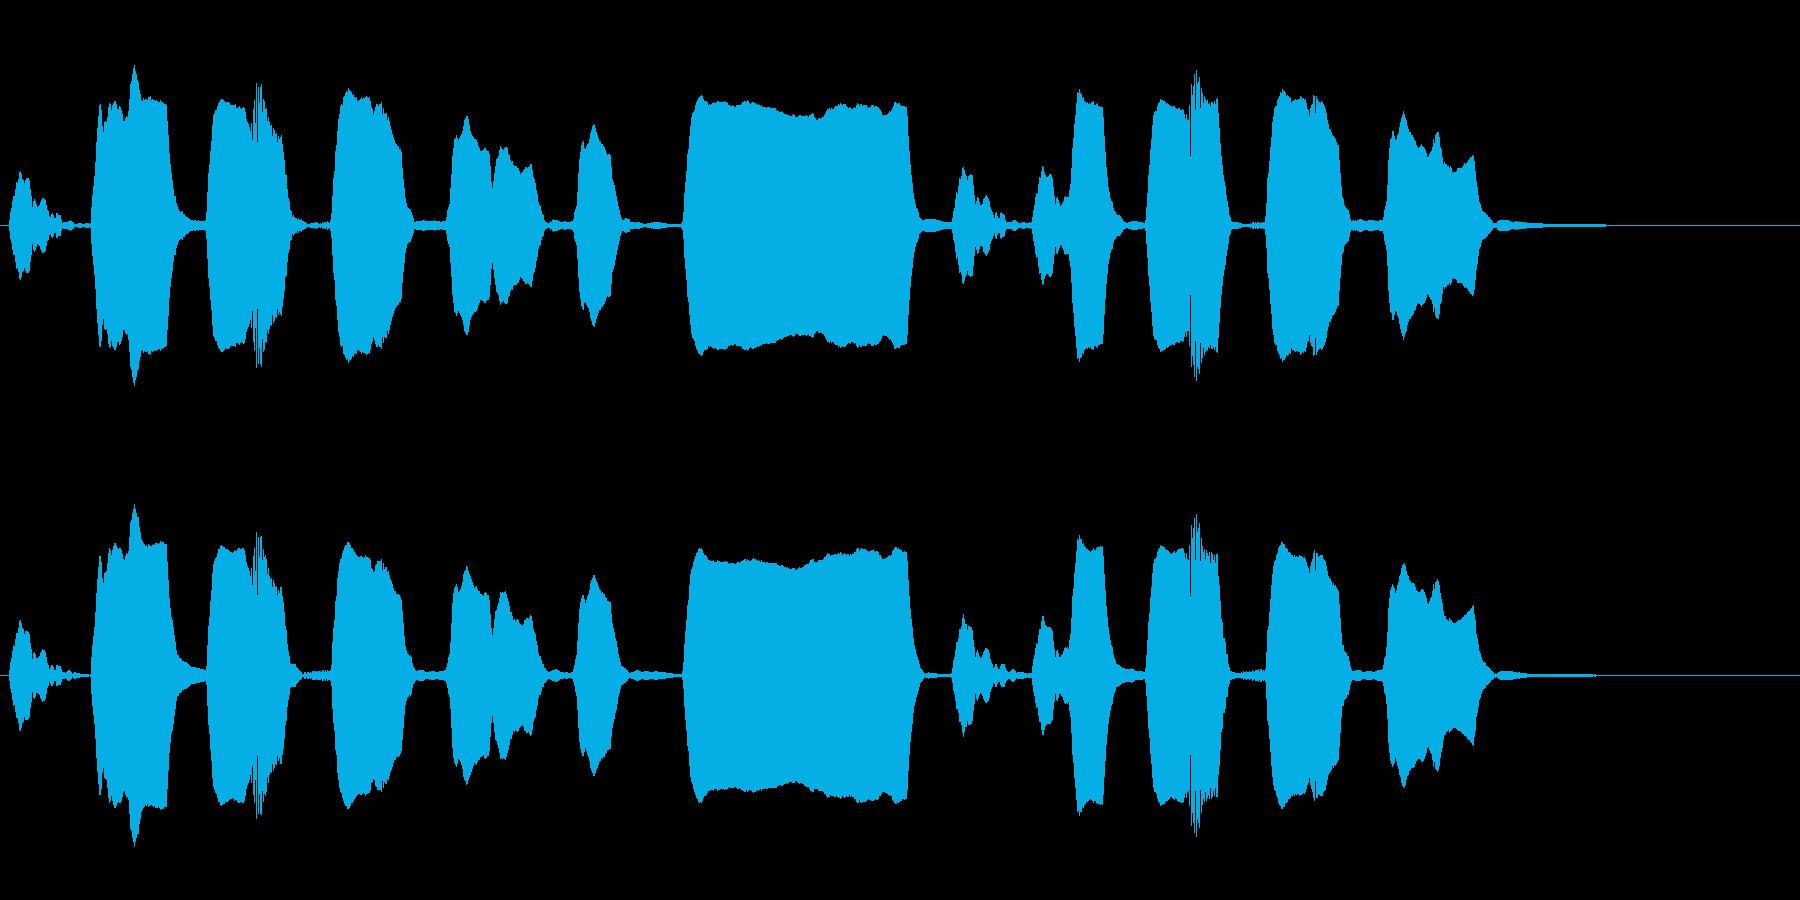 ジングル リコーダー 軽快 元気の再生済みの波形